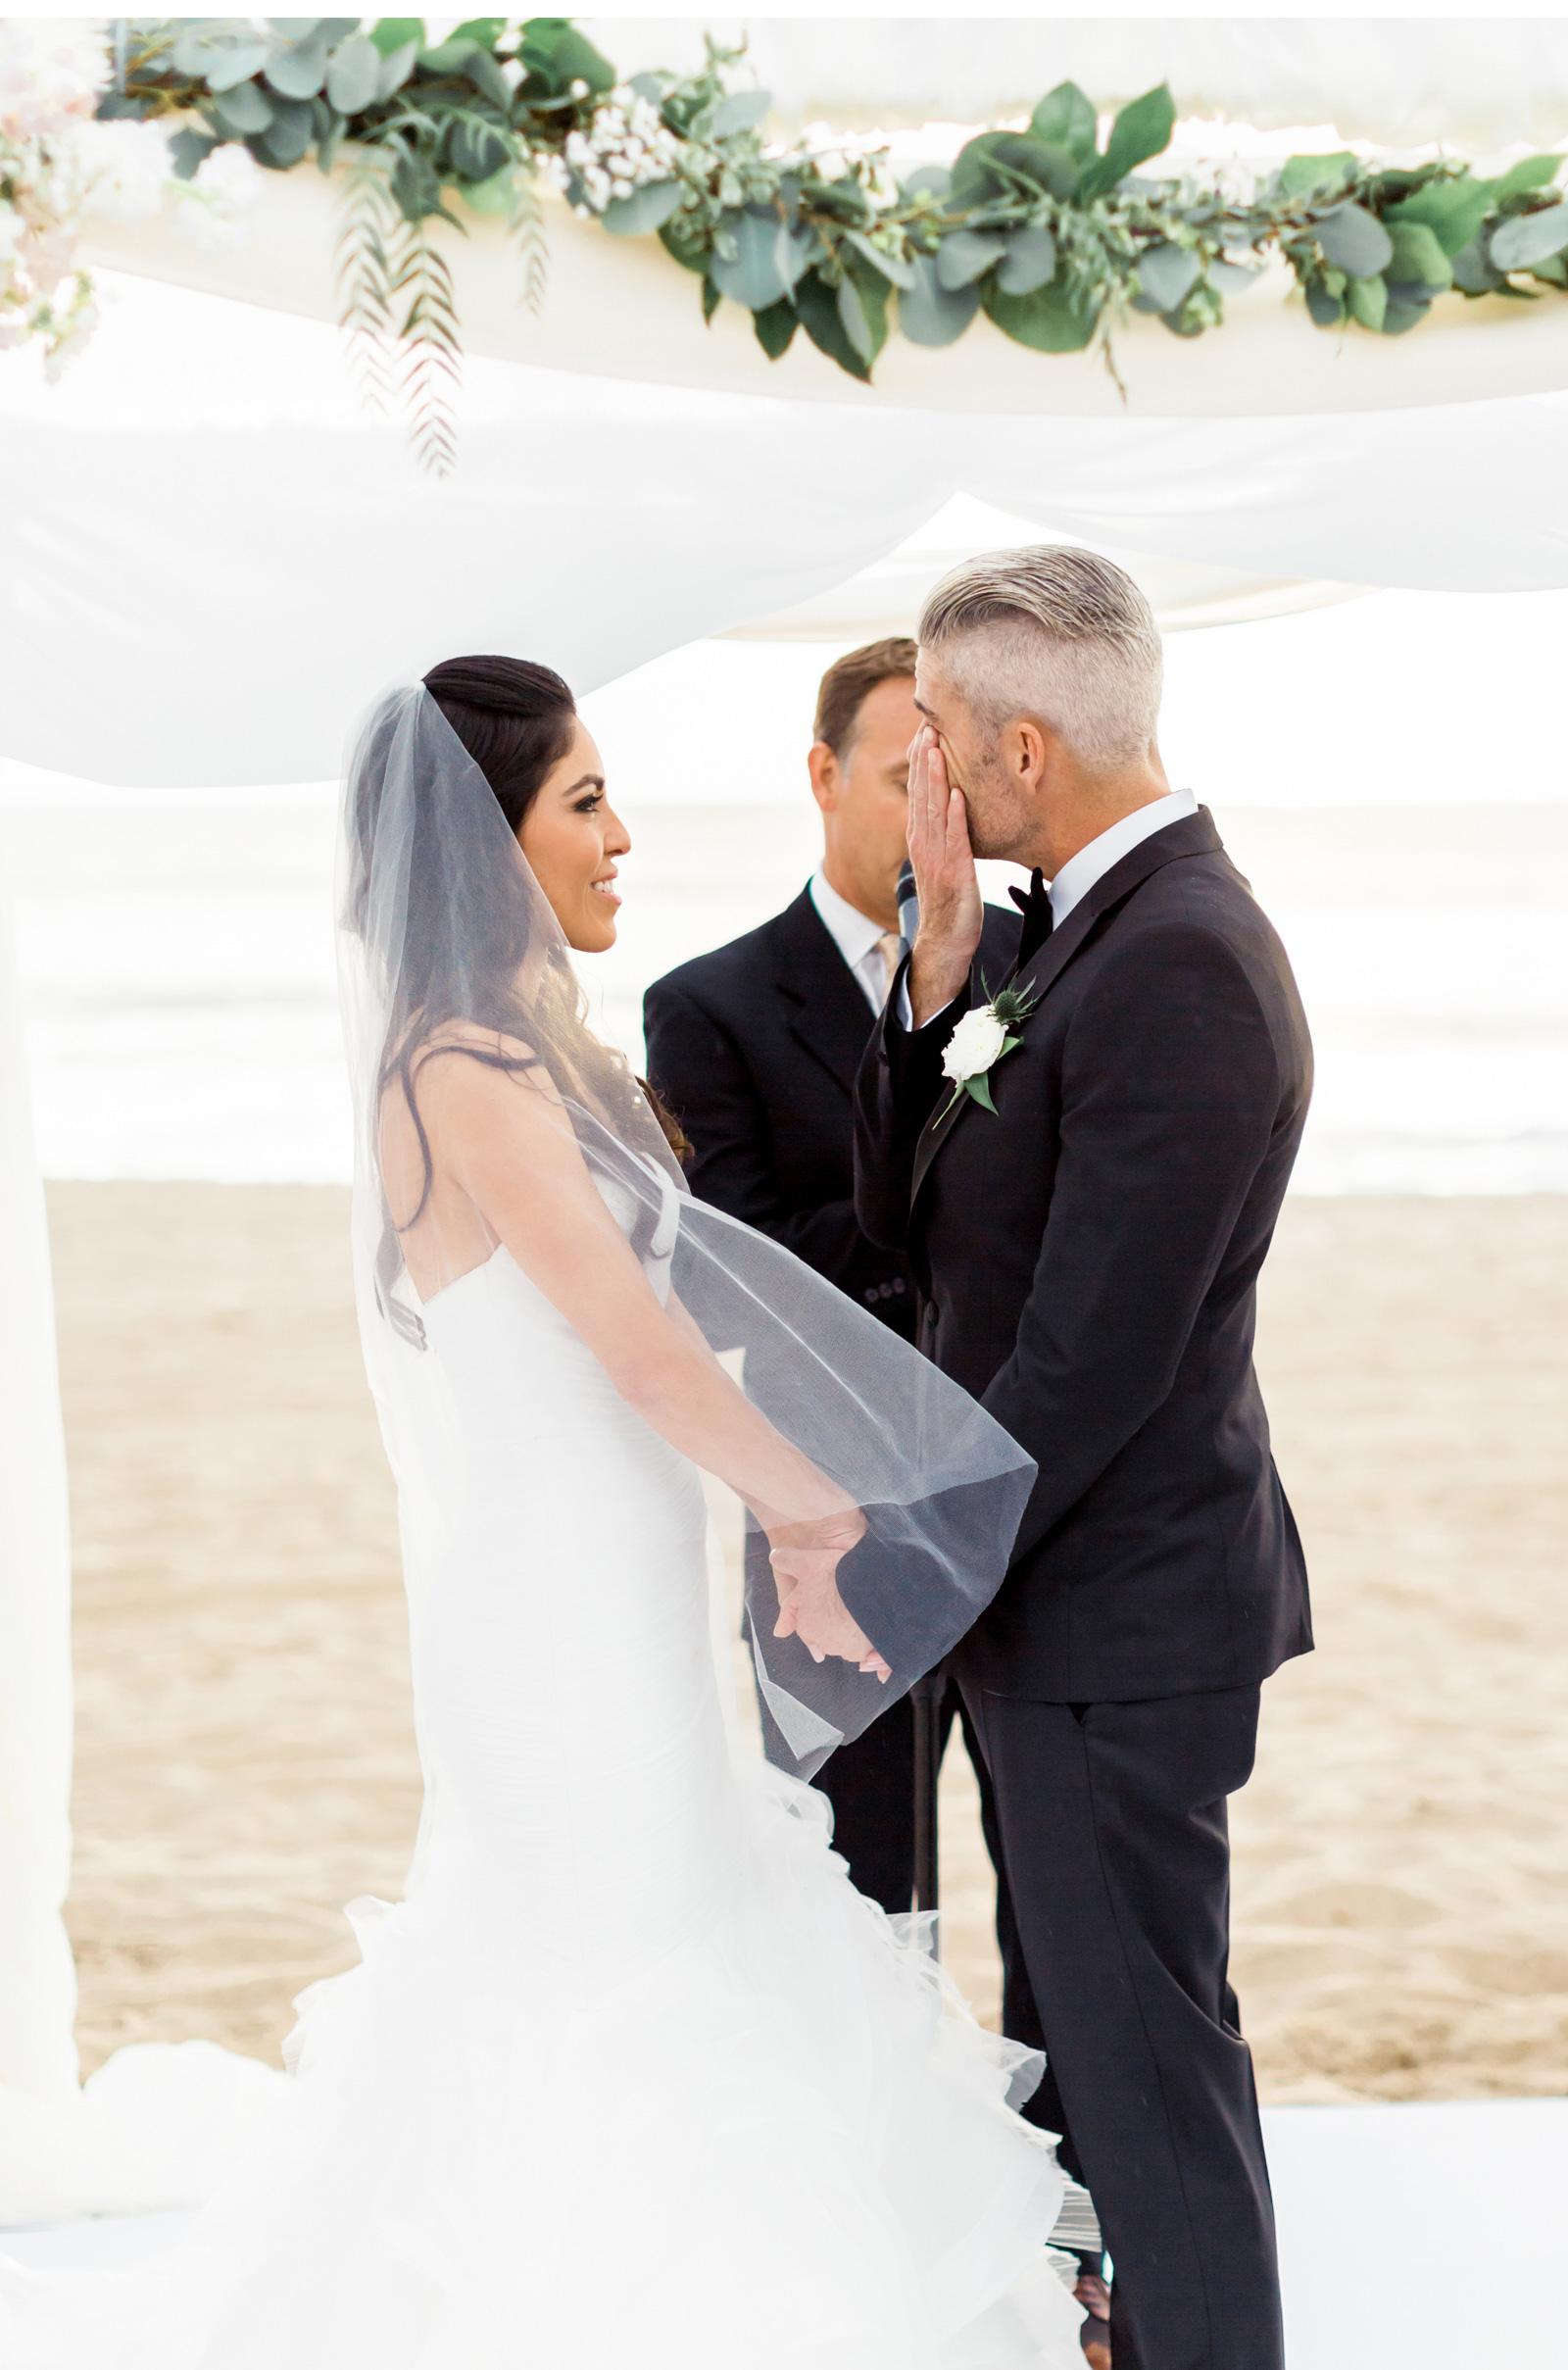 Southern-California-Fine-Art-Wedding-Photographer-Natalie-Schutt-Photography_06.jpg